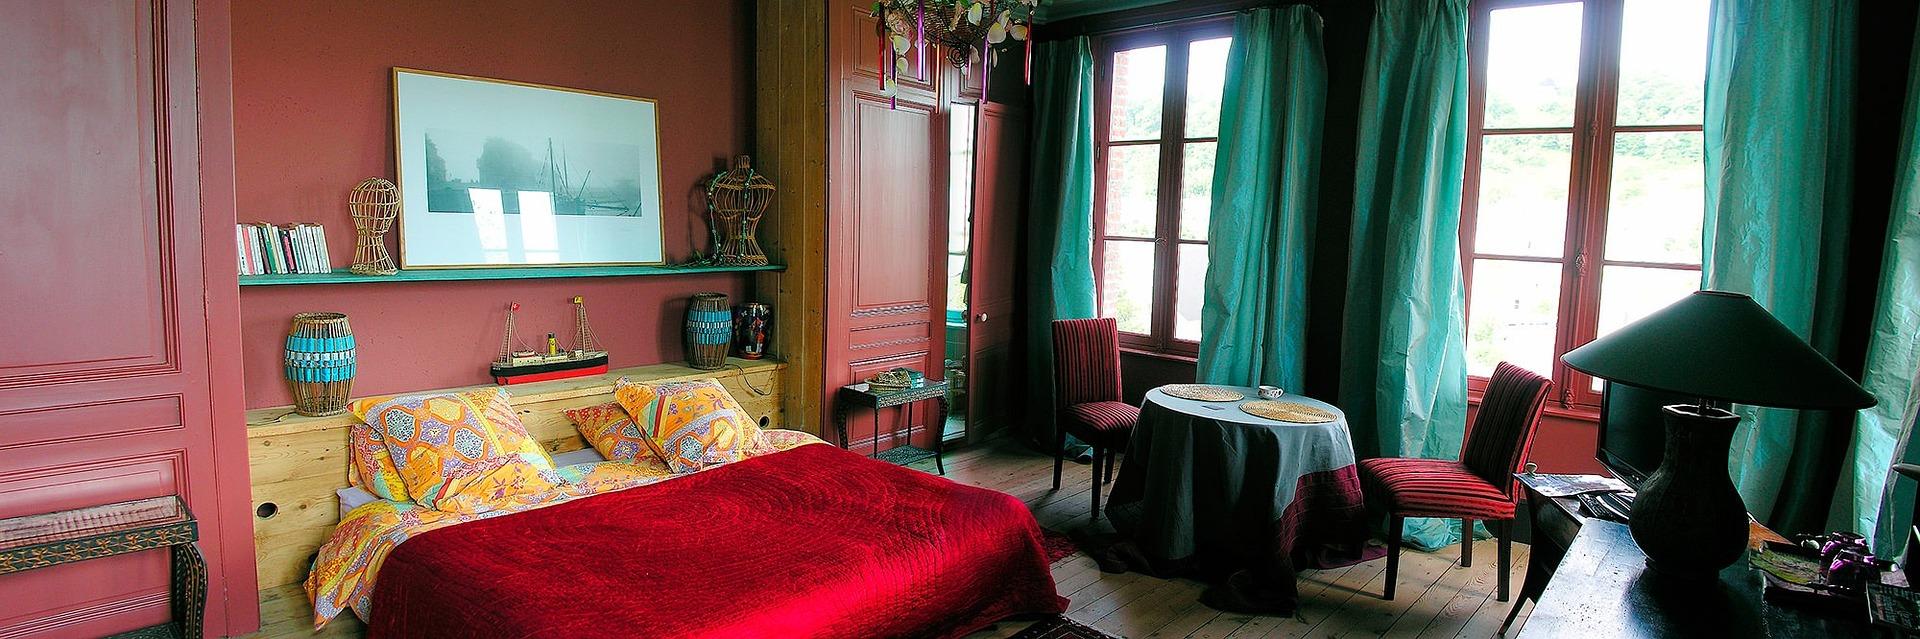 room-287610_1920